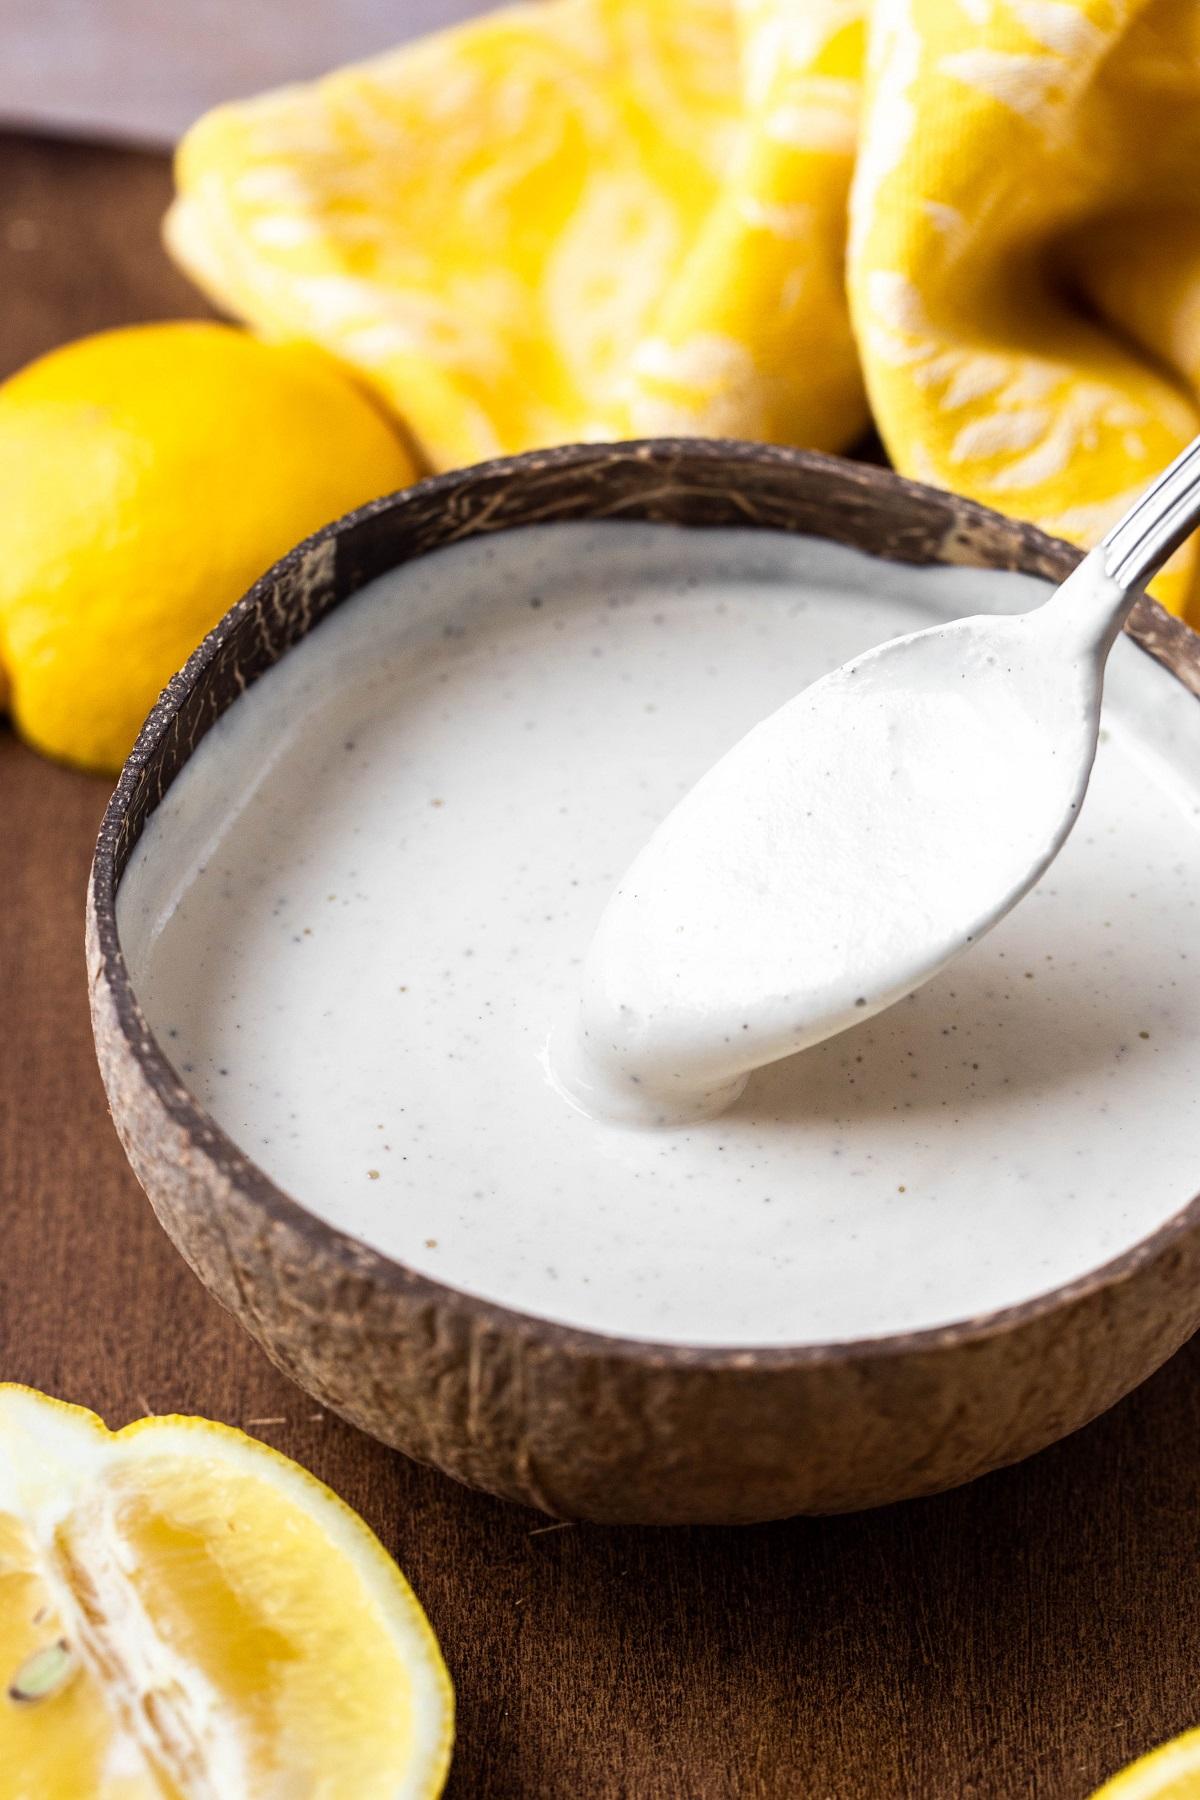 spoon dipping in wood bowl of vegan lemon sauce